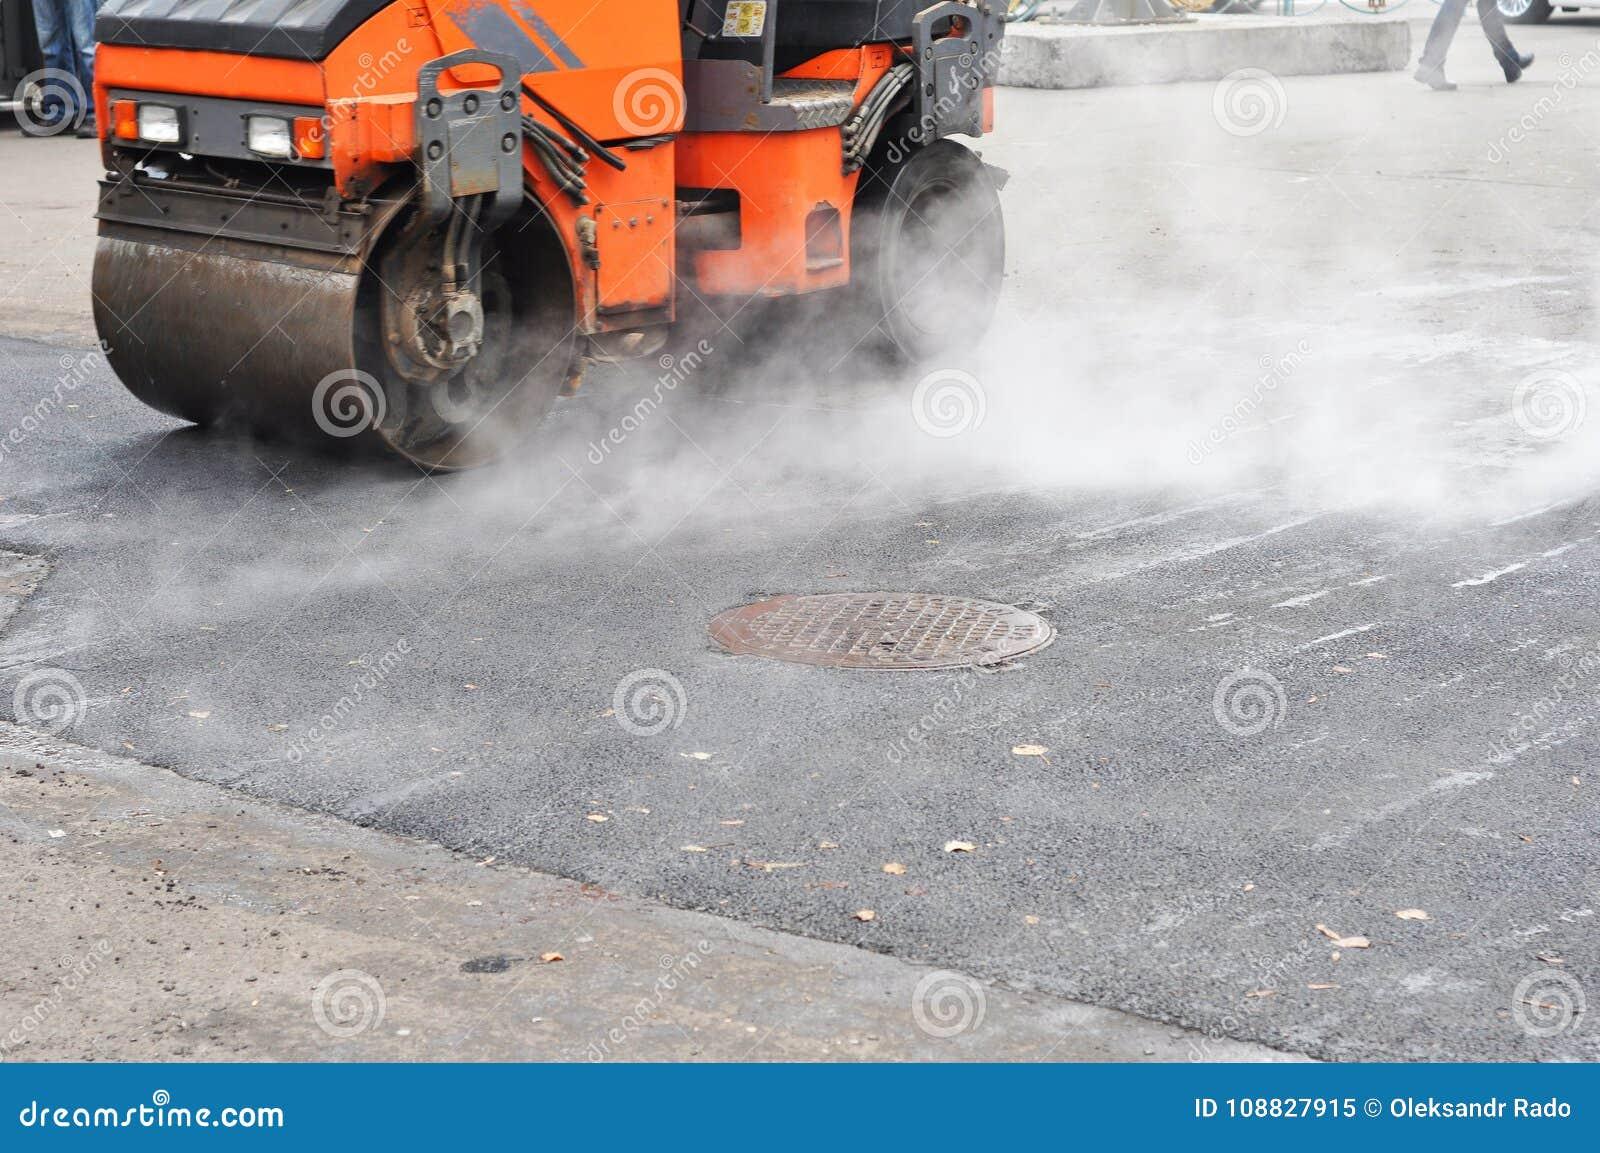 Road repair, compactor lays asphalt. Repair pavement and laying new asphalt